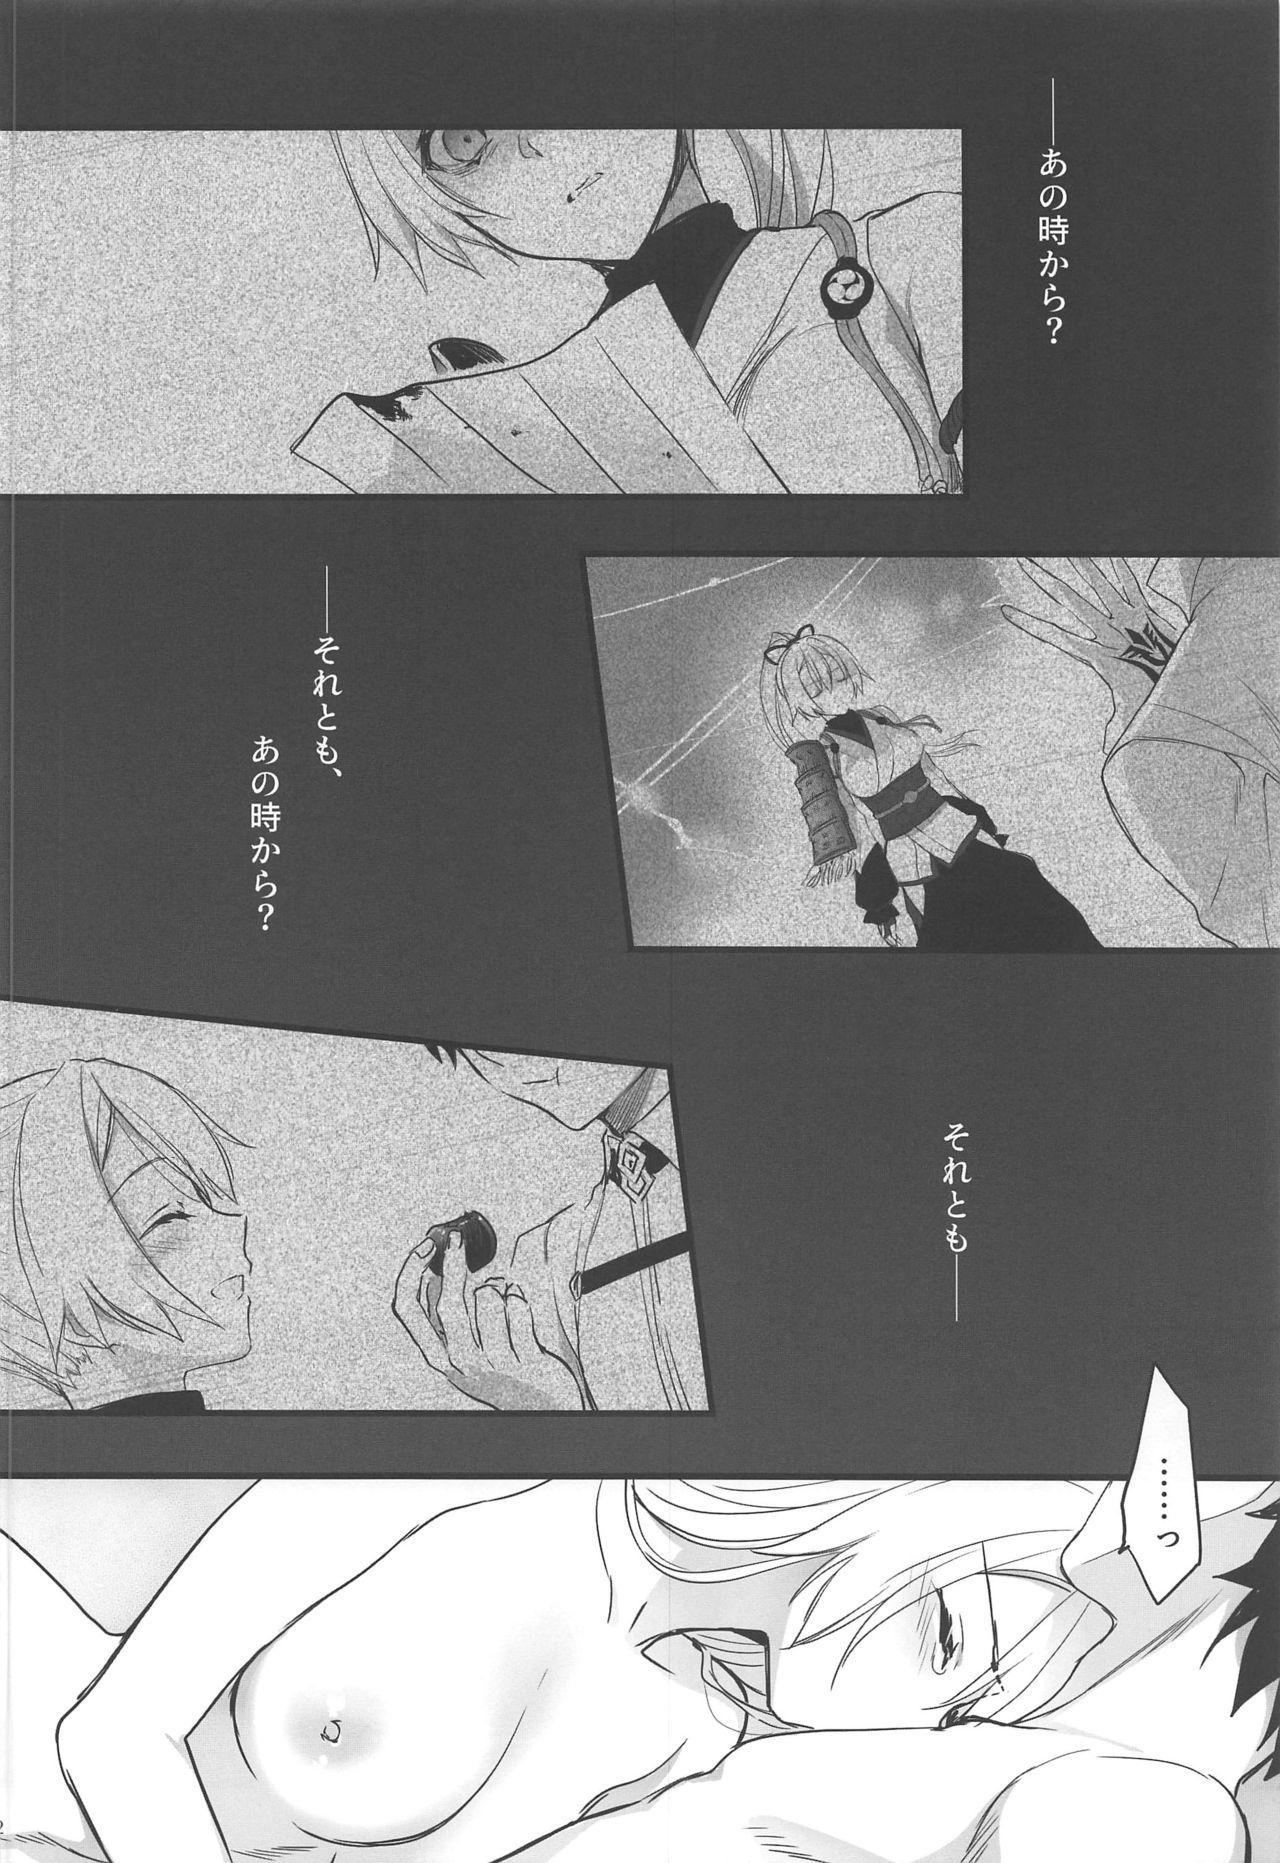 Tou ni Negai Tsukushita Hazu nanoni 20